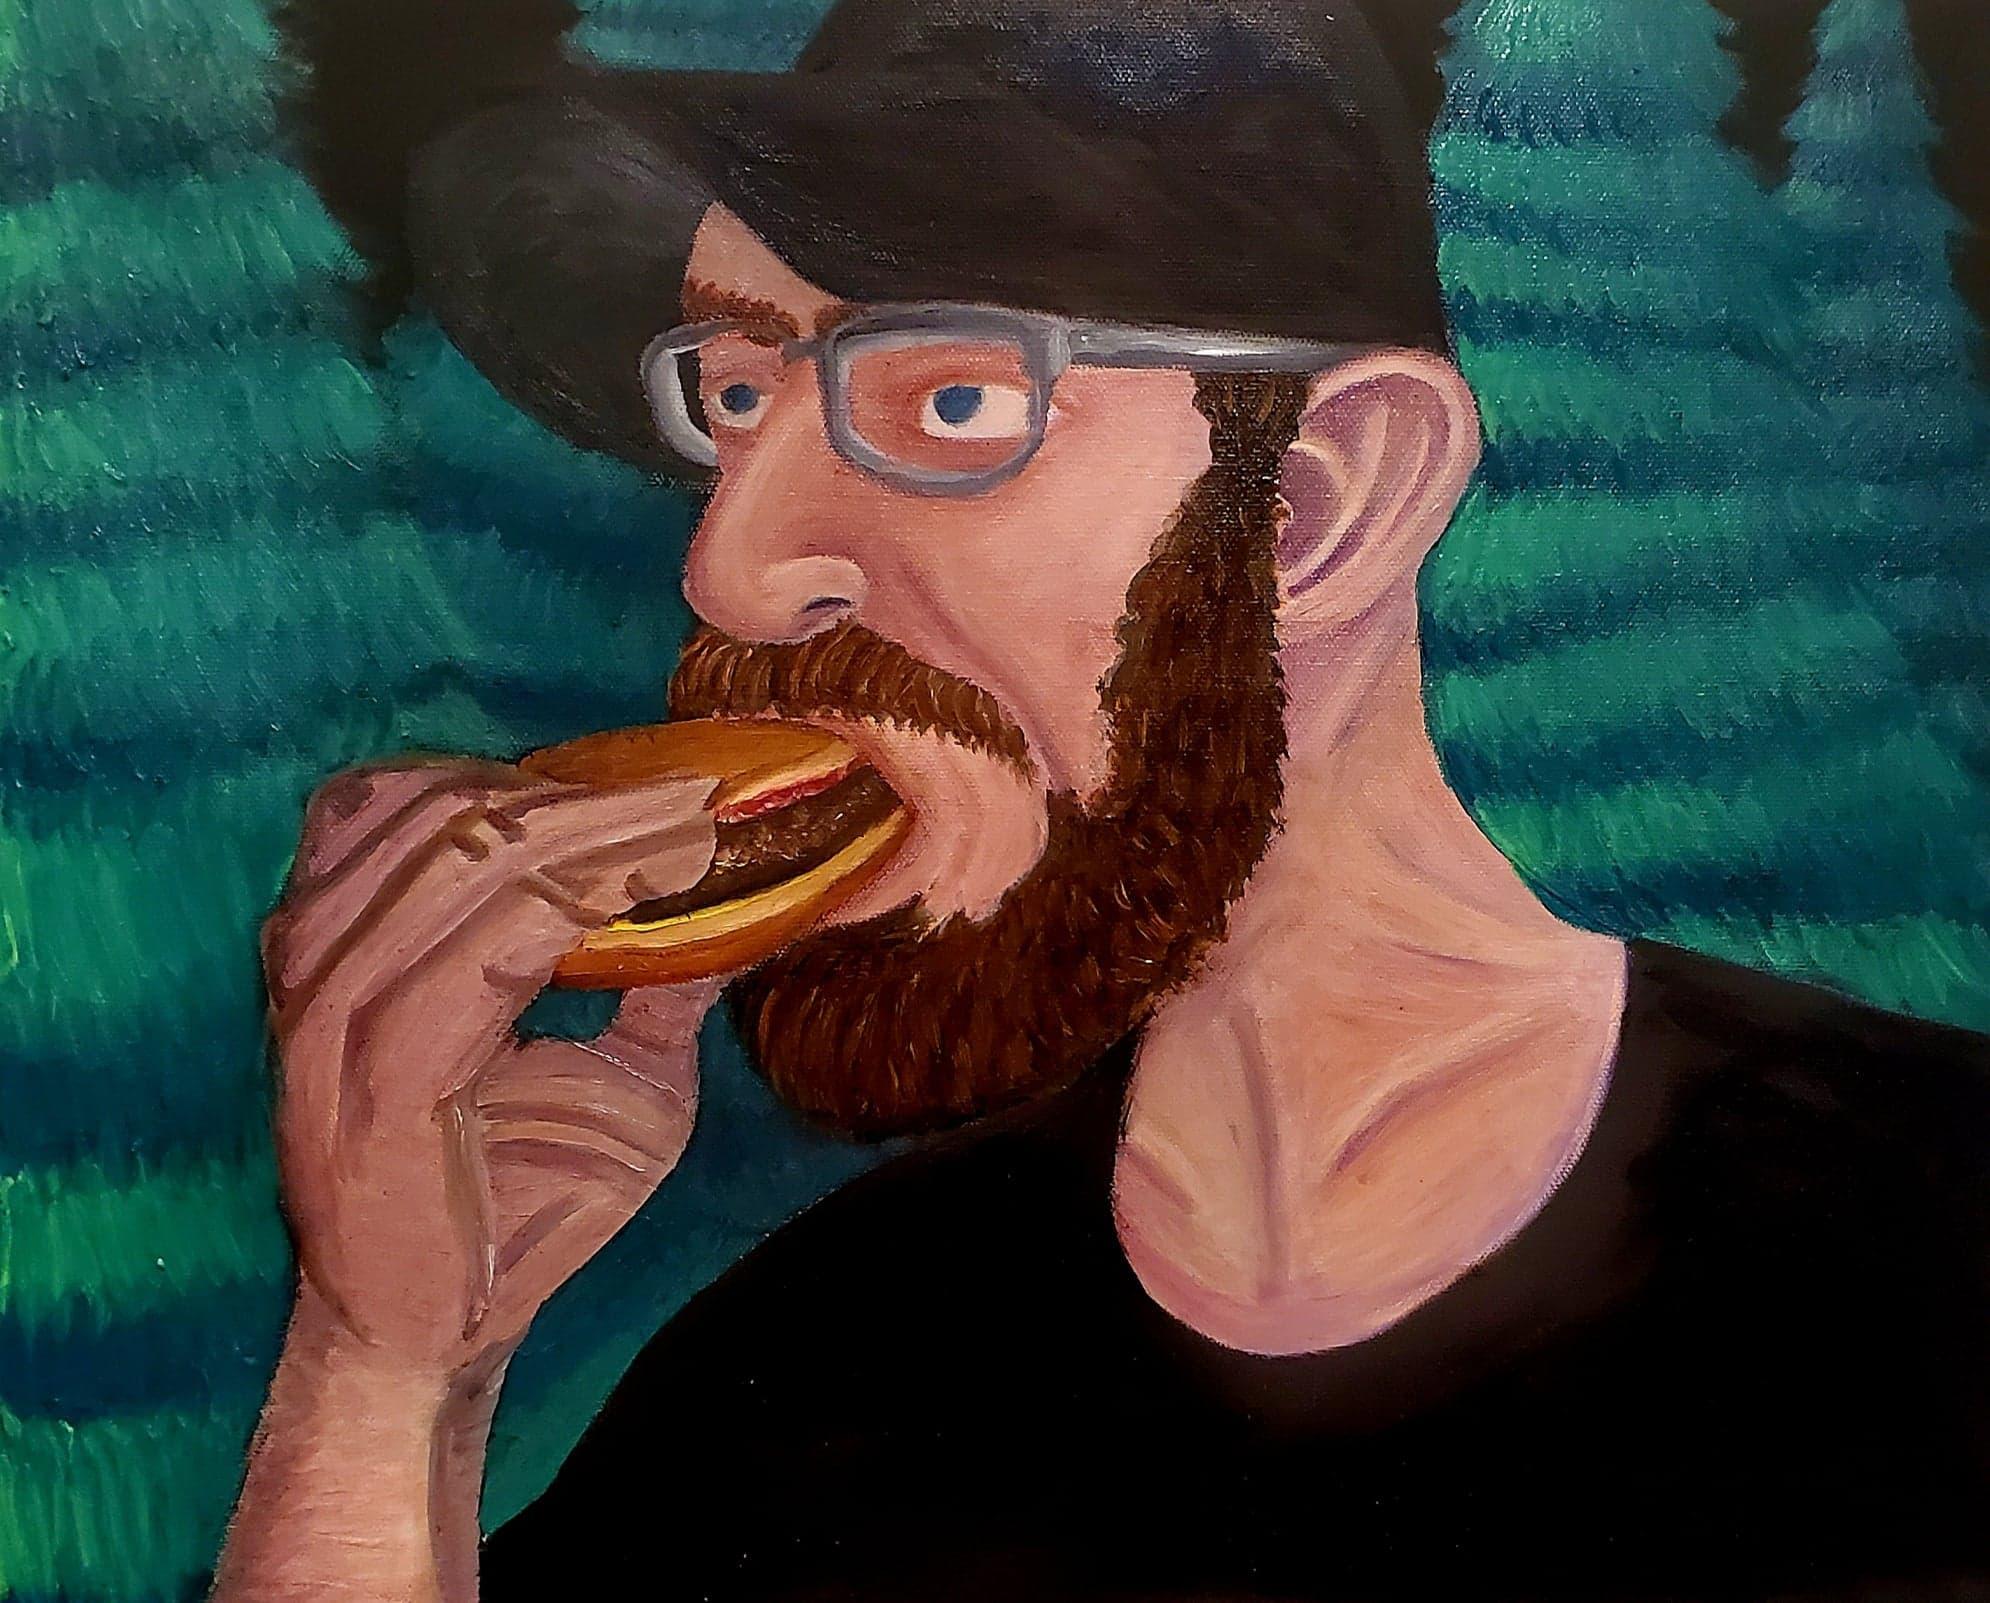 Man eating burger.